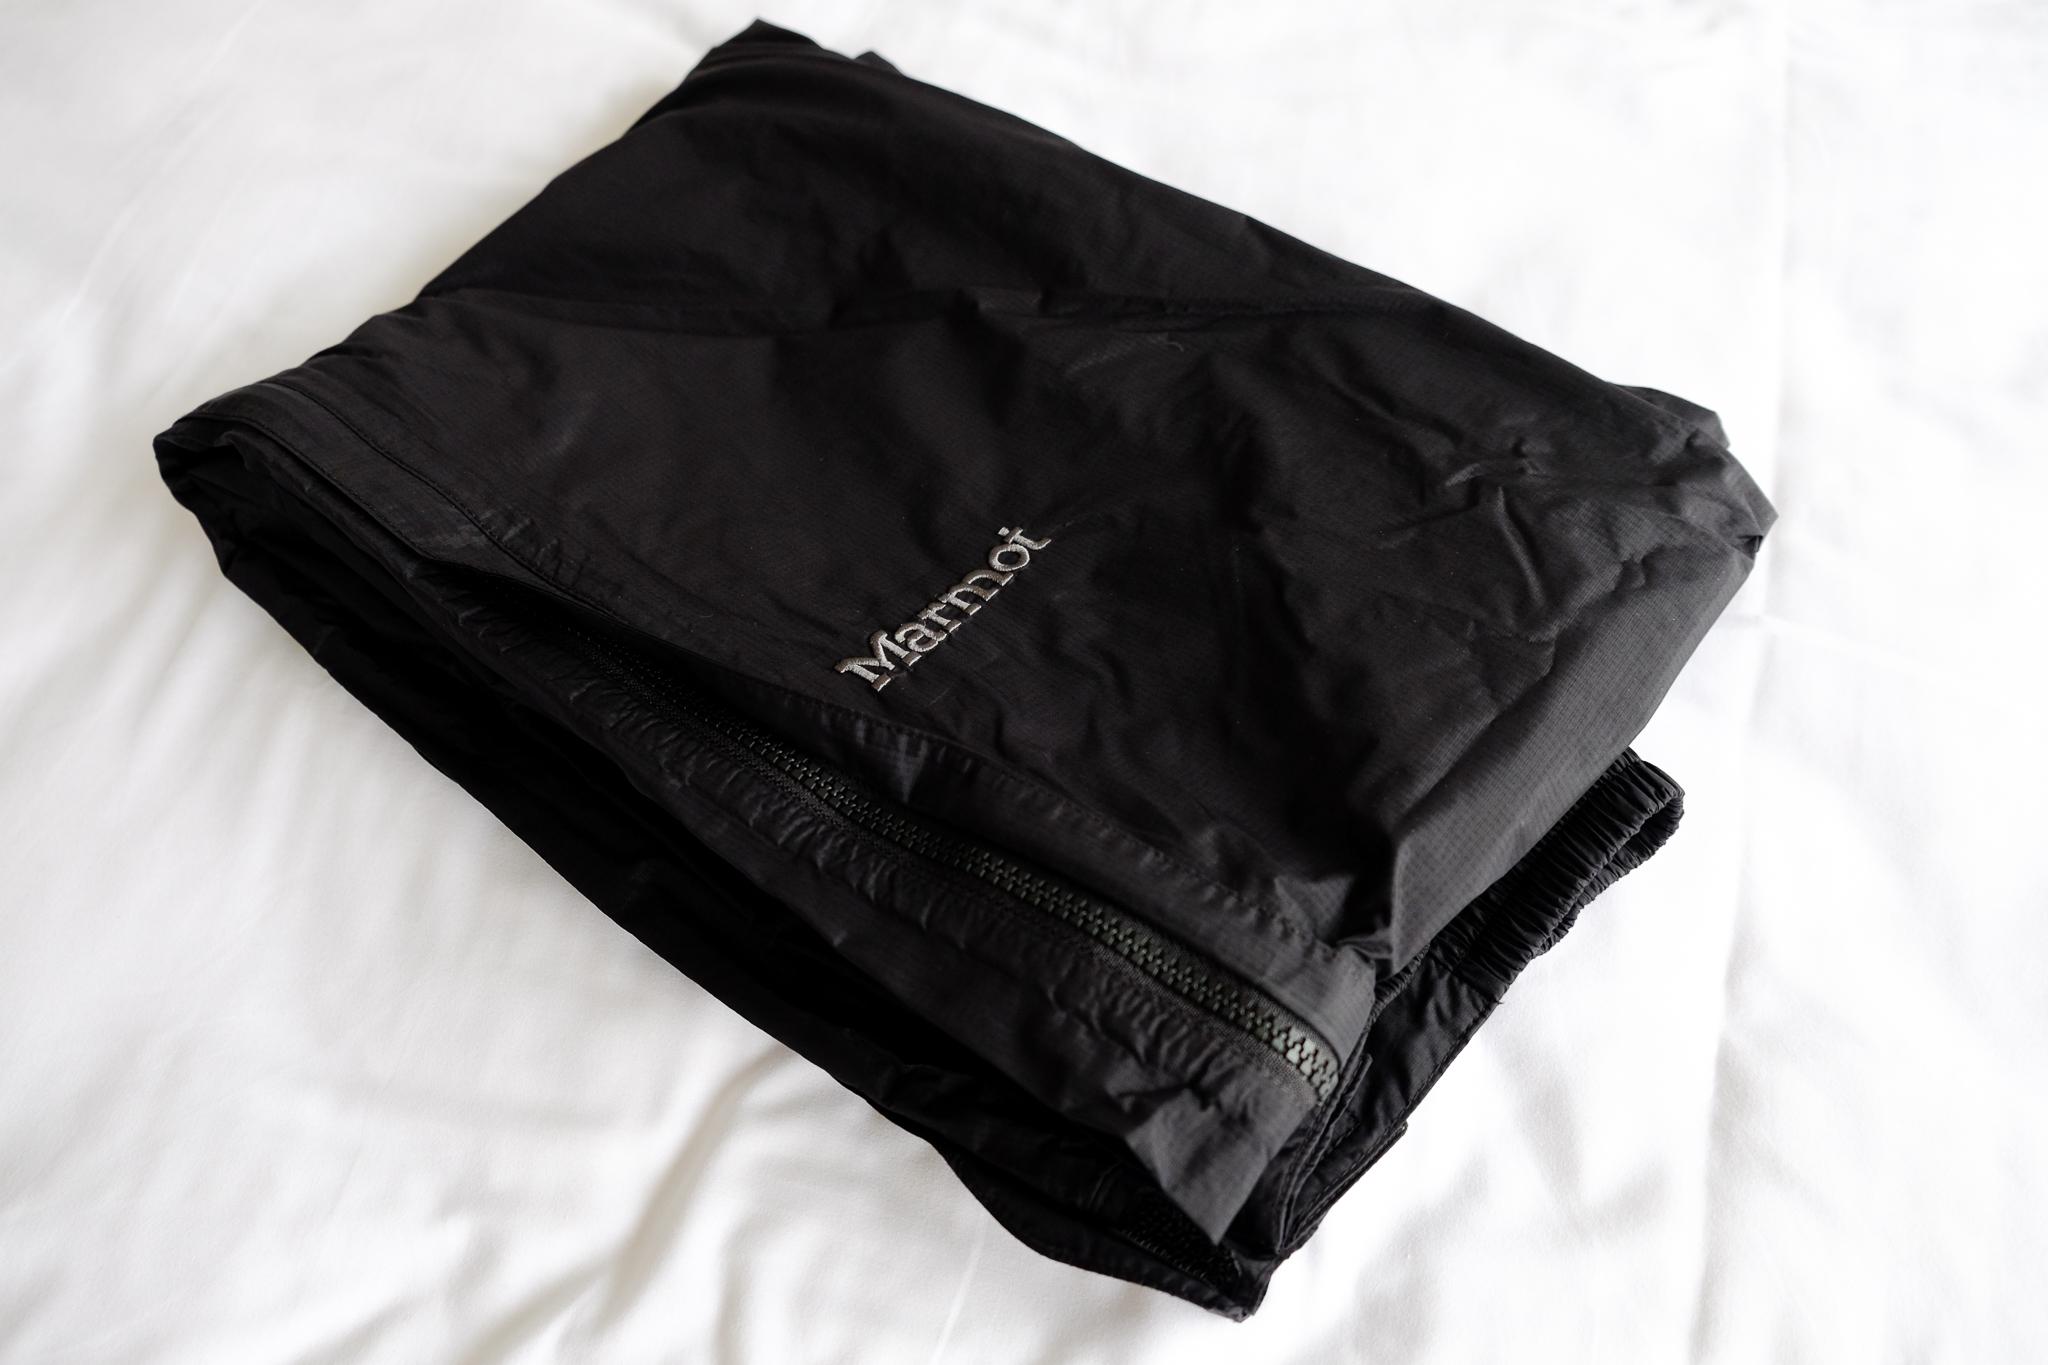 Marmot PreCip Full Zip  rain pants